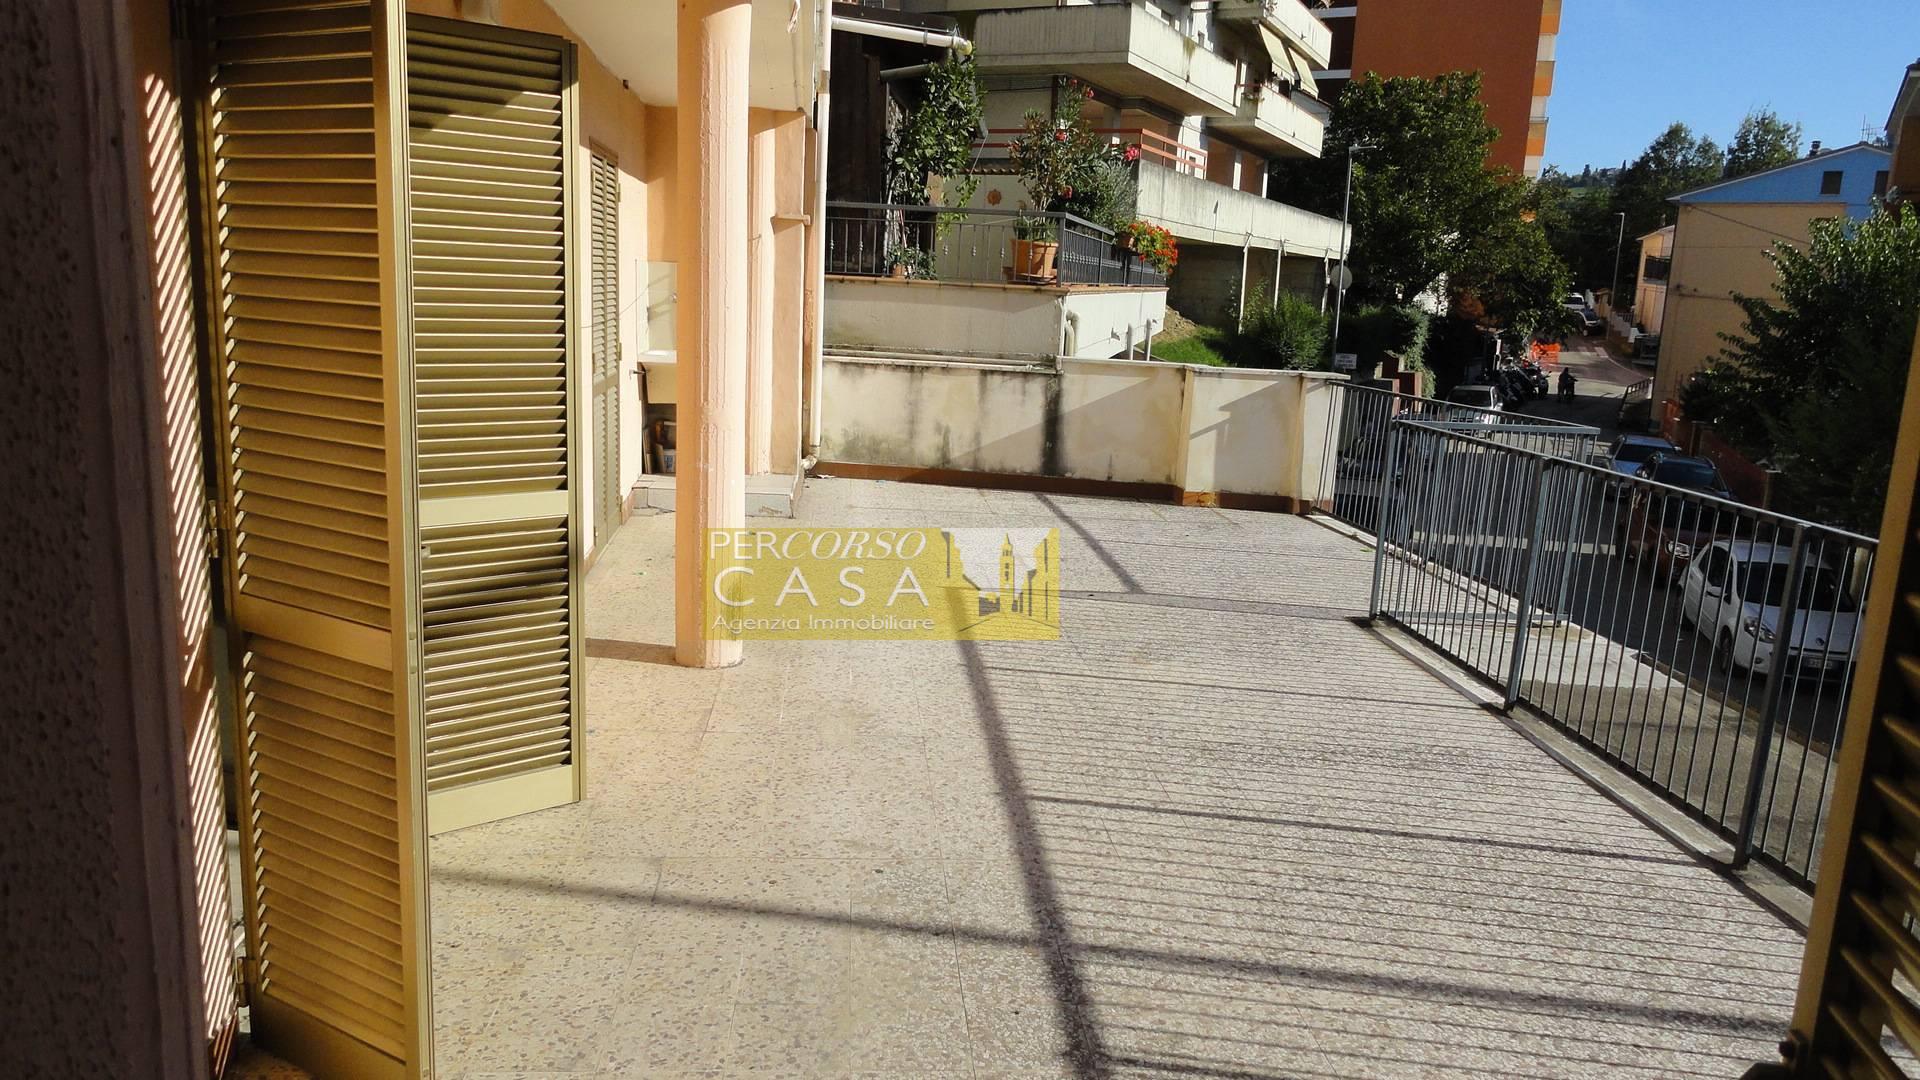 Appartamento in vendita a Teramo, 5 locali, zona Località: Stazione, prezzo € 65.000 | PortaleAgenzieImmobiliari.it